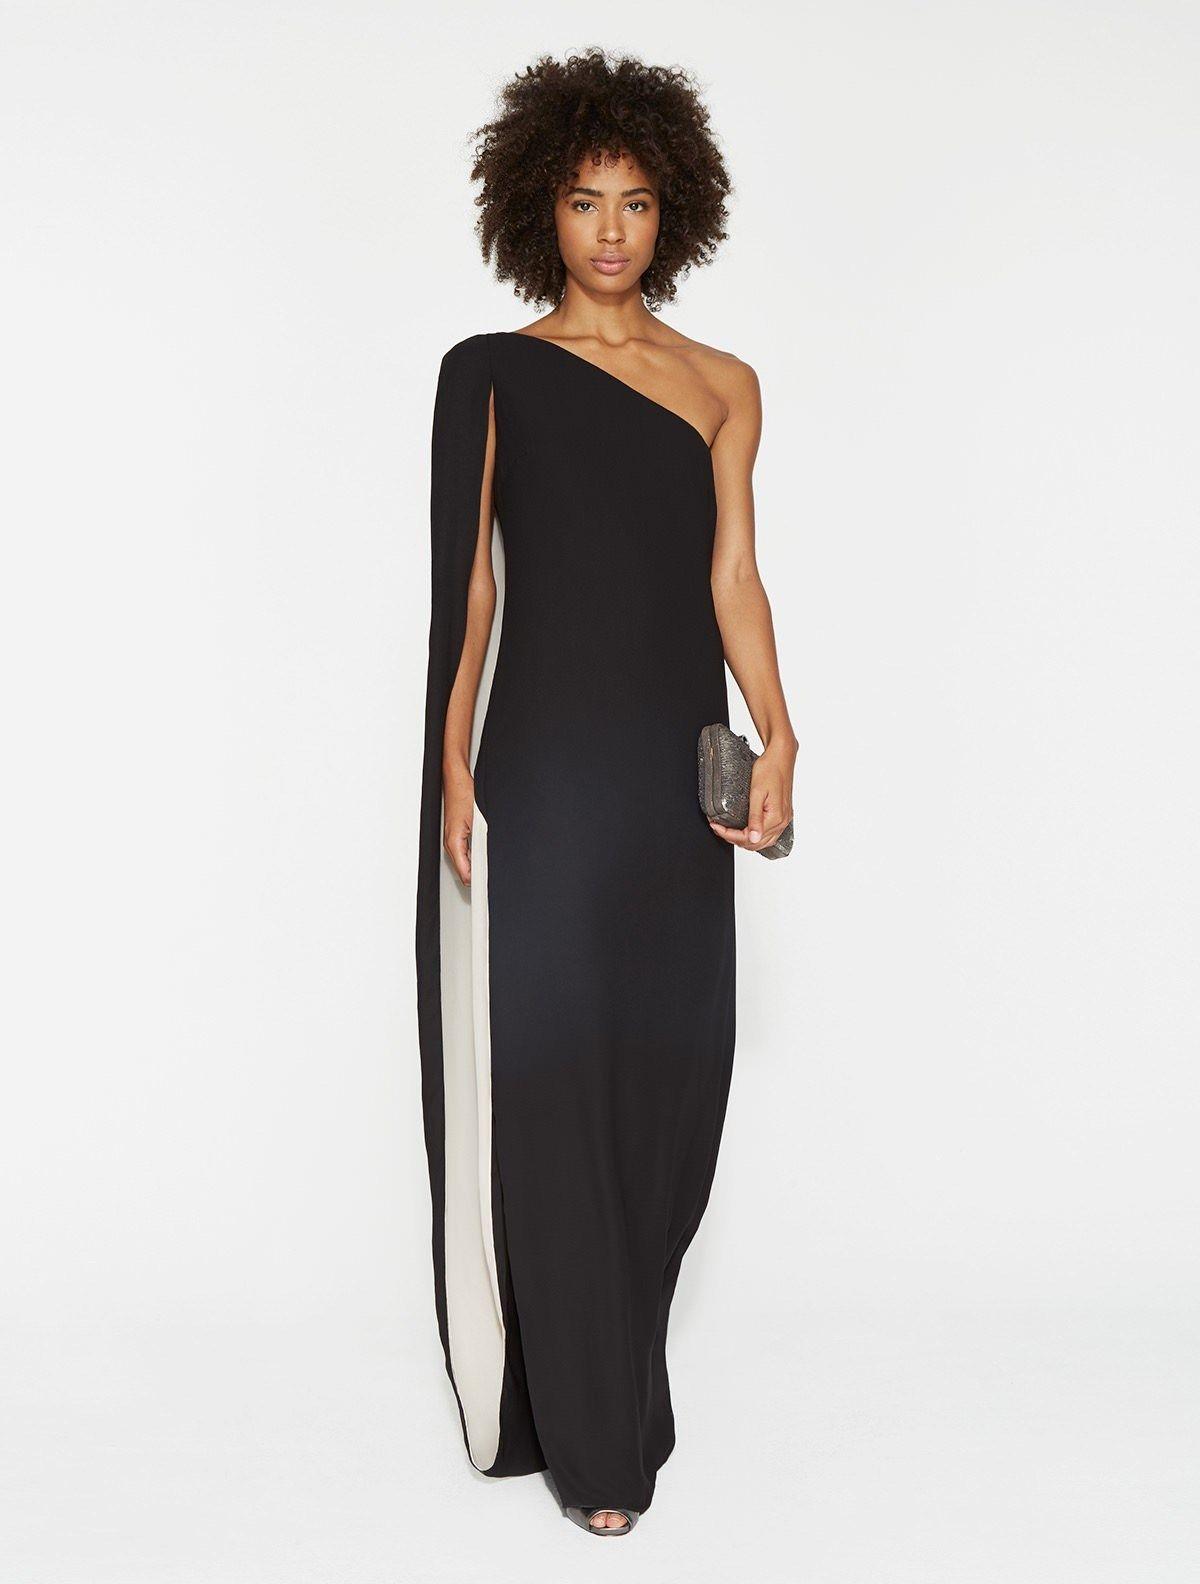 Image result for halston dresses | DRESS | Pinterest | Color ...